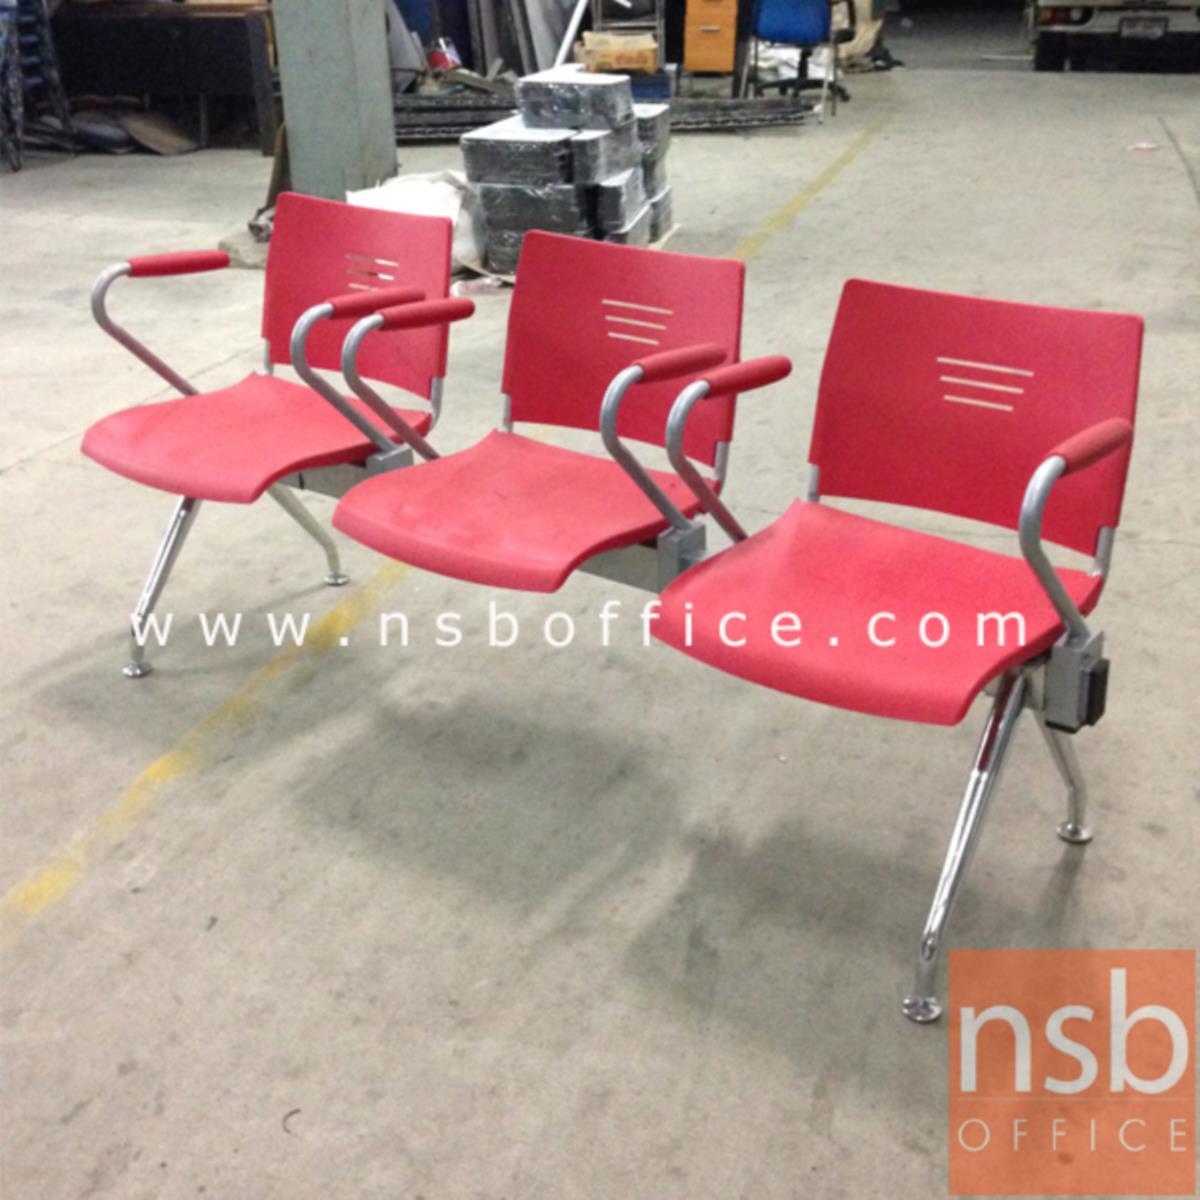 เก้าอี้นั่งคอยเฟรมโพลี่ รุ่น Clarion (แคร์เรียน) 2 ,3 ,4 ที่นั่ง ขนาด 112W ,171W ,228W cm. ขาเหล็ก